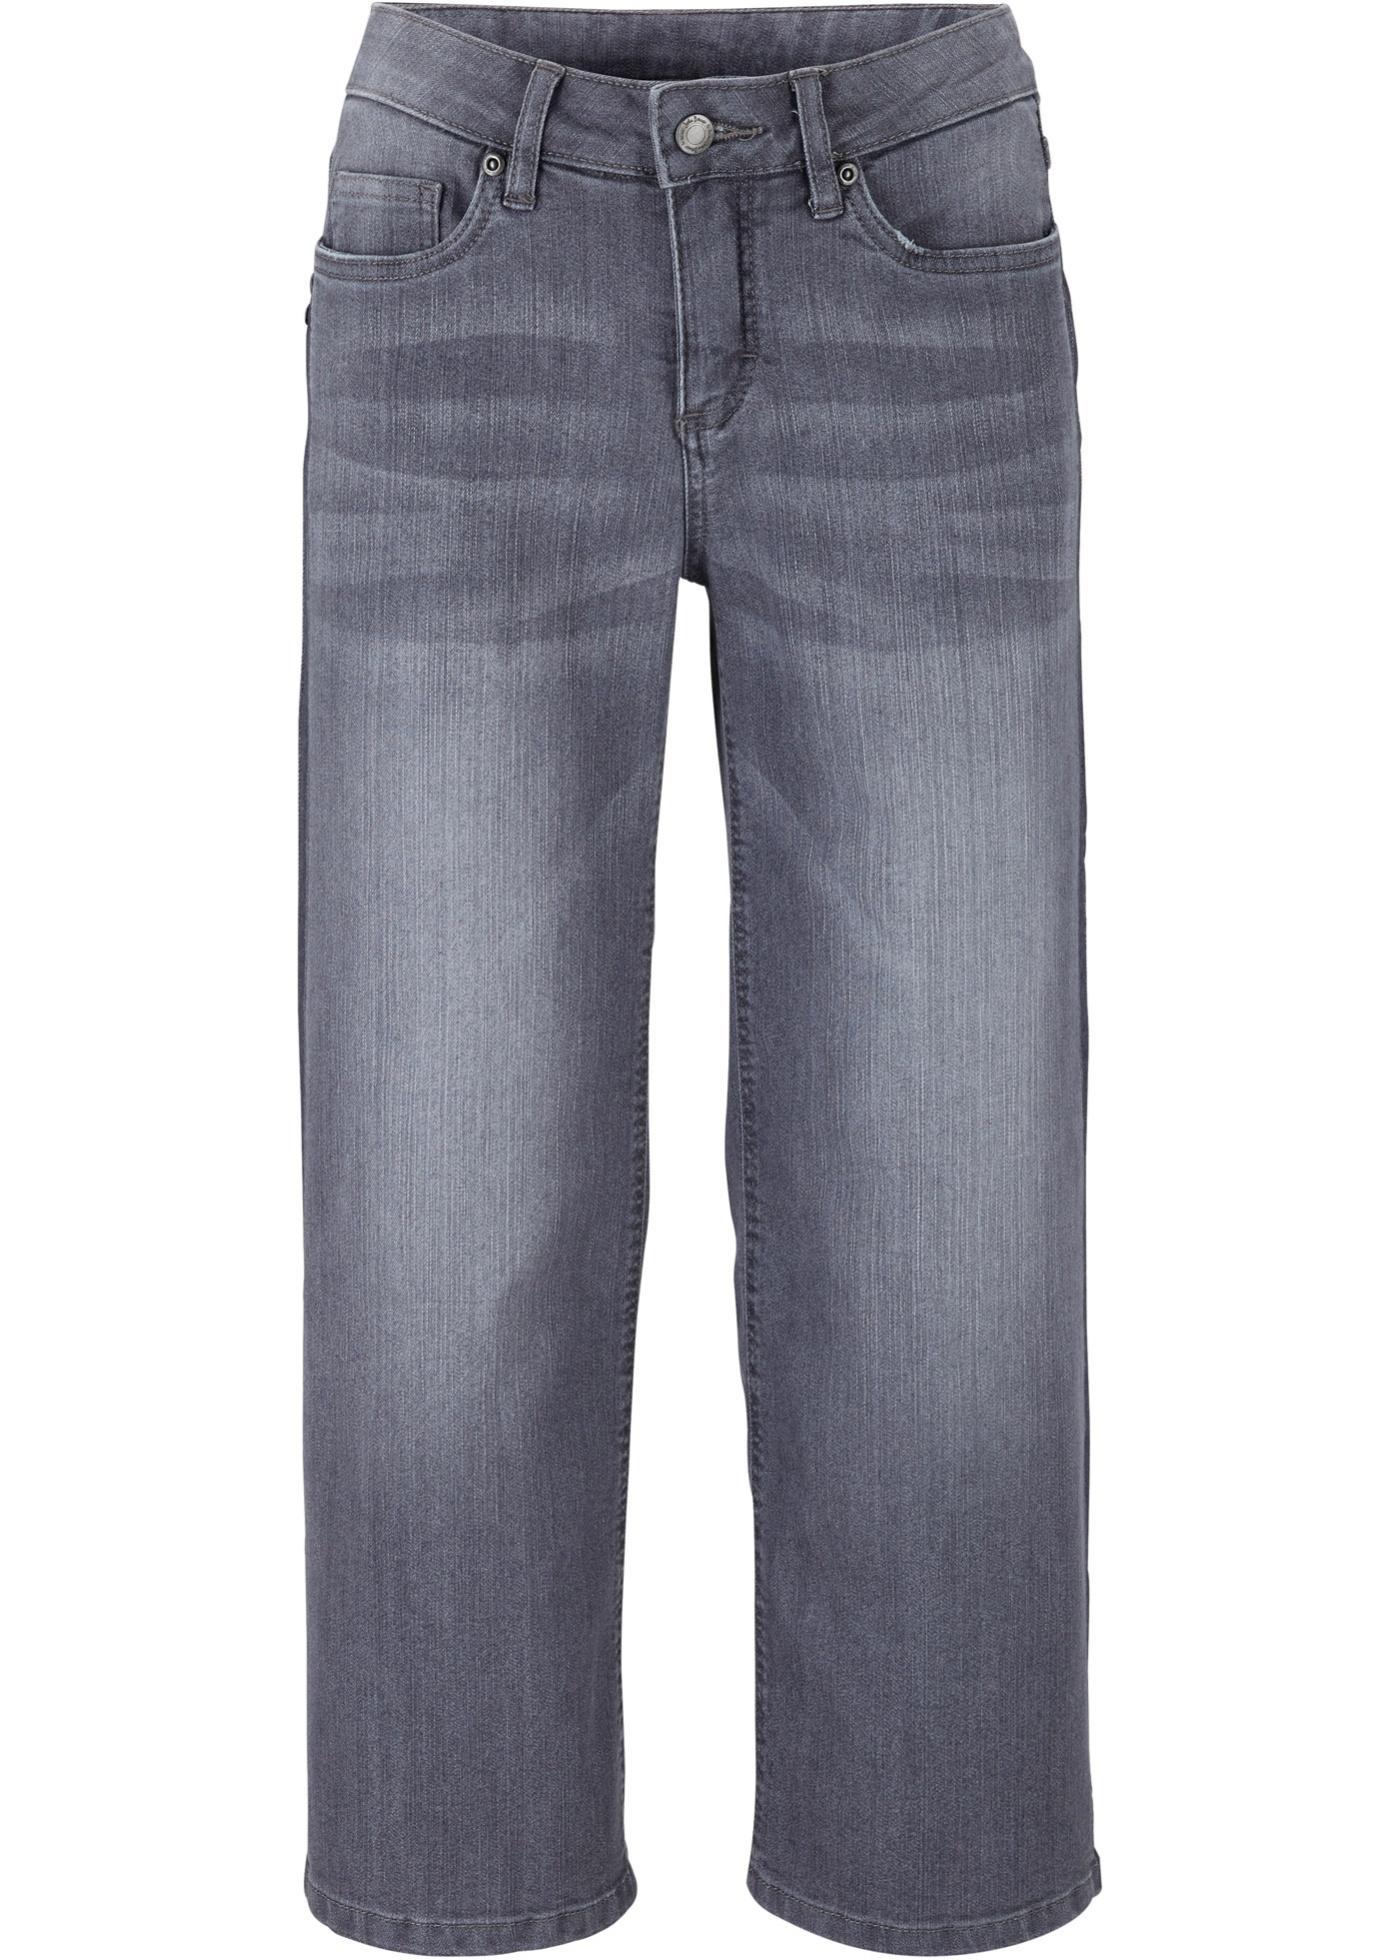 Culotte di jeans elasticizzata (Grigio) - John Baner JEANSWEAR